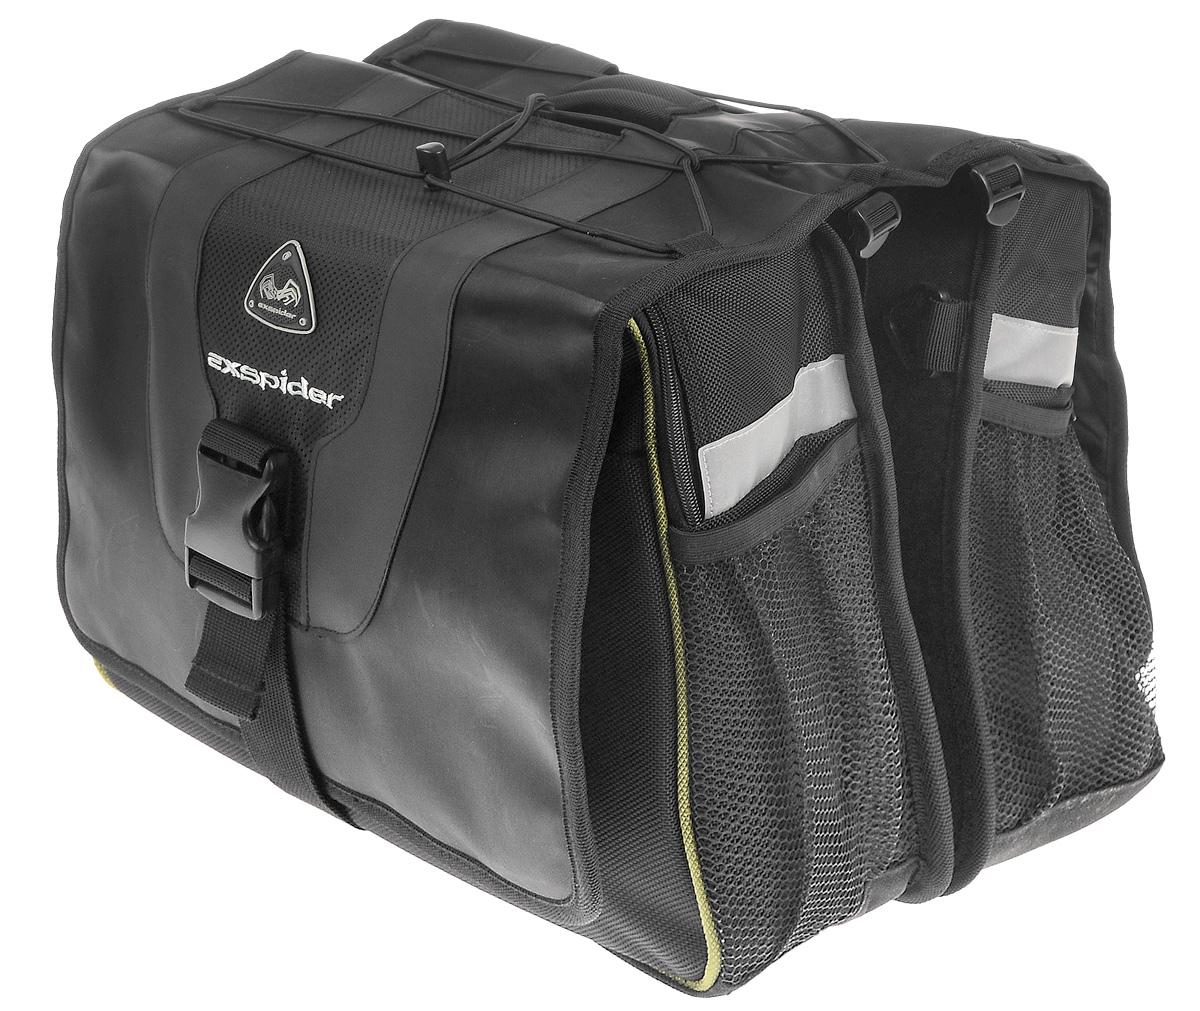 Сумка на багажник велосипеда EXspider, двойная, 36 х 33 х 23 смCRL-3BLУниверсальная сумка EXspider крепится на багажник, можно носить ее в руках или на плече. Изделие имеет два больших отделения с внешними карманами. Отделения закрываются на клапан с помощью застежки-молнии и липучки. Также внутри каждого отделения расположен карман на резинке. Подкладка из вспененного полиэтилена предохраняет содержимое от повреждений. Эластичный шнур позволяет закрепить другую небольшую сумку, палатку, спальный мешок, шлем и многое другое. В комплект входит водоотталкивающий чехол от дождя из нейлона и плечевой регулируемый ремень. Внешние сетчатые карманы с каждой из четырех сторон предназначены для небольших вещей. Светоотражающие вставки служат для лучшей заметности в темное время суток. Сумка крепится на багажник с помощью двух шнуров с крючками.